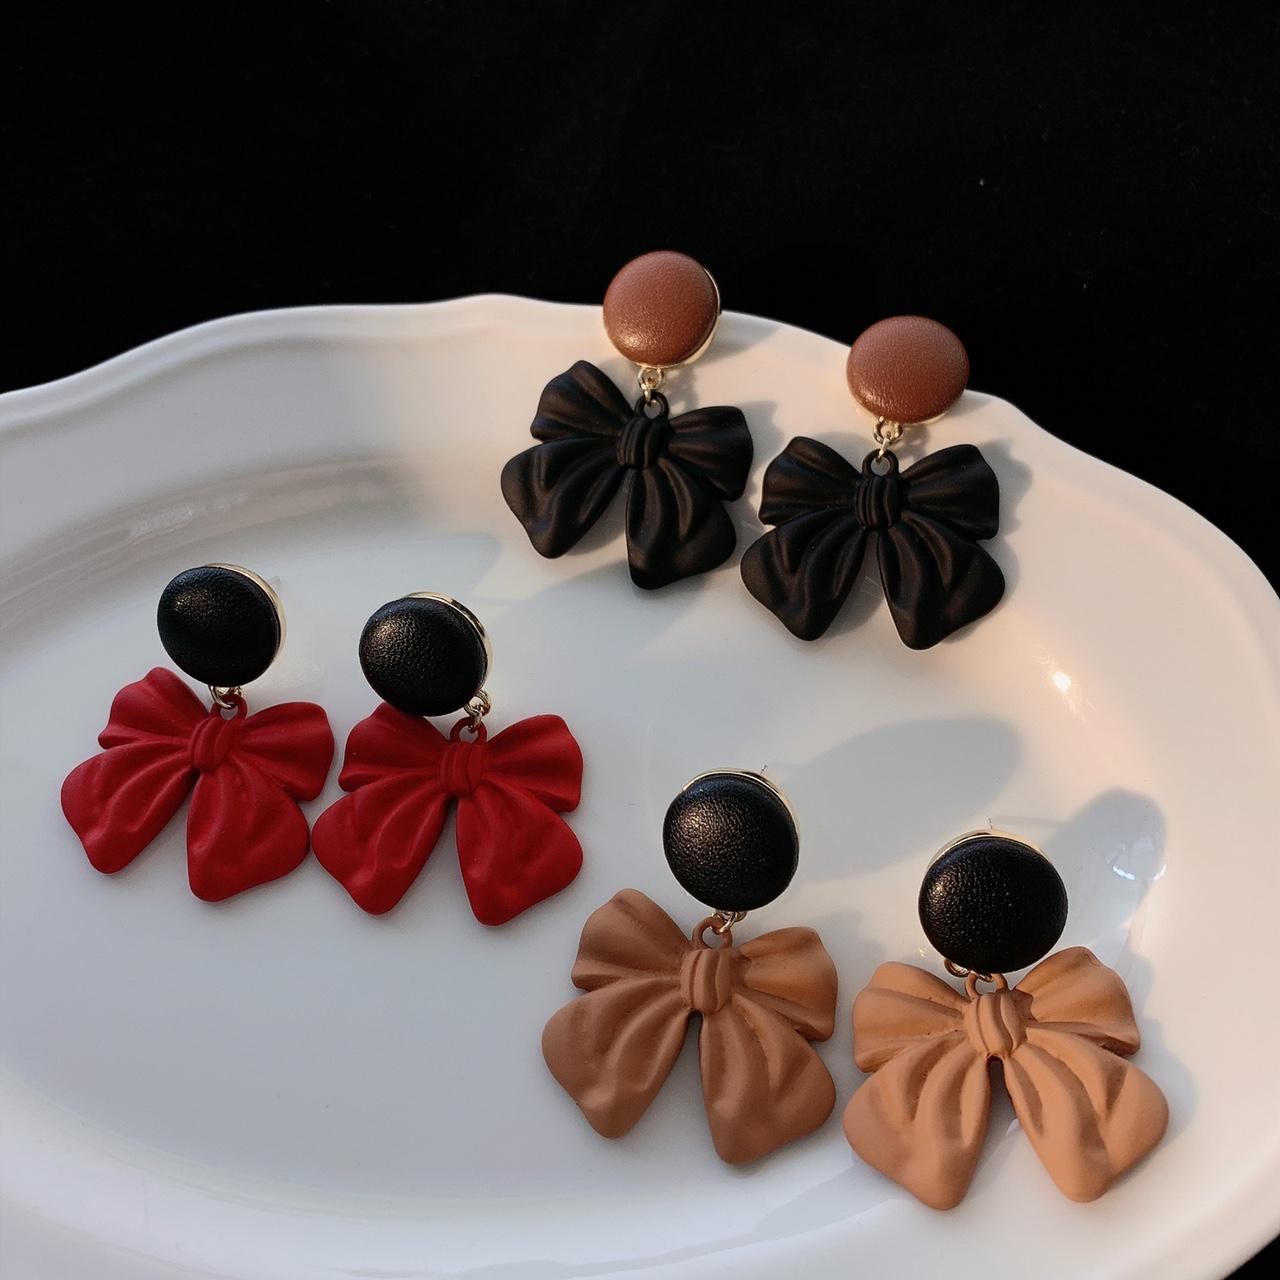 彩色喷漆蝴蝶结耳环,色彩丰富。